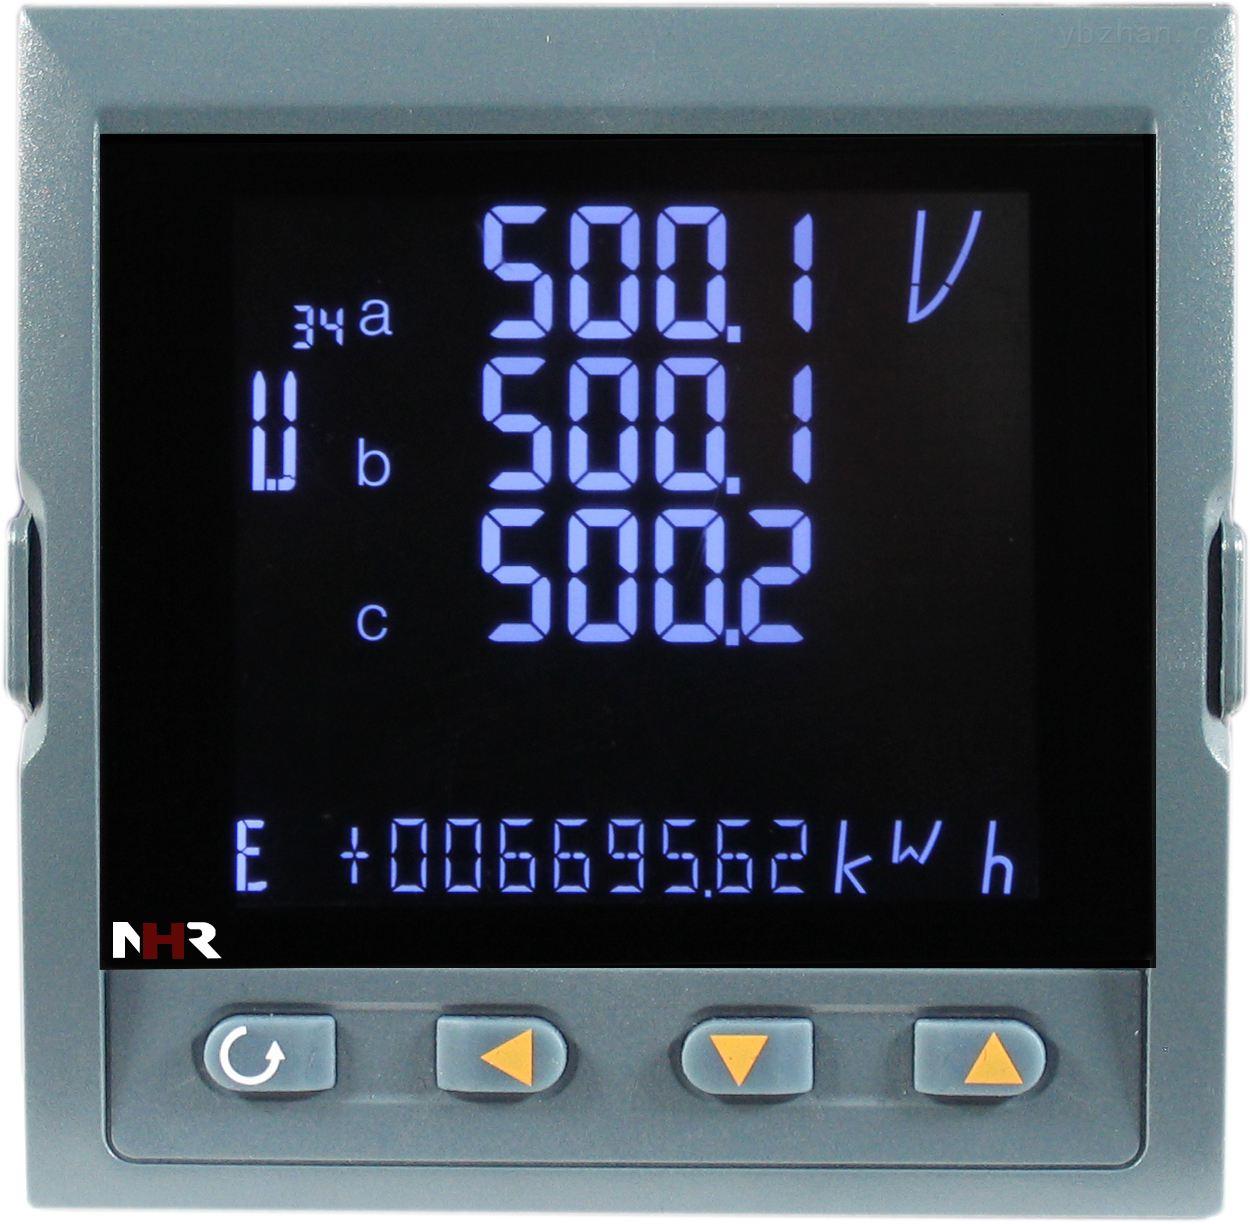 虹润系列液晶综合电量集中显示仪是一款用于中低压系统智能化装置,集数据采集和控制功能于一身,具有电力参数测量及电能计量为一体。它采用大规模集成电路和高亮度长寿命的LED显示器并支持RS485接口MODBUS通讯协议或多种协议。广泛用于中、低压变配电自动化系统, 工业自动化系统、智能型开关柜、楼宇自动化系统、负控系统、能源管理系统、工厂电量考核管理等。产品设计遵循电力仪表国标和行标GB/T22264-2008《安装式数字电测量仪表》、JB/T10736-2007《低压电动机保护器》、GB/T15576-200